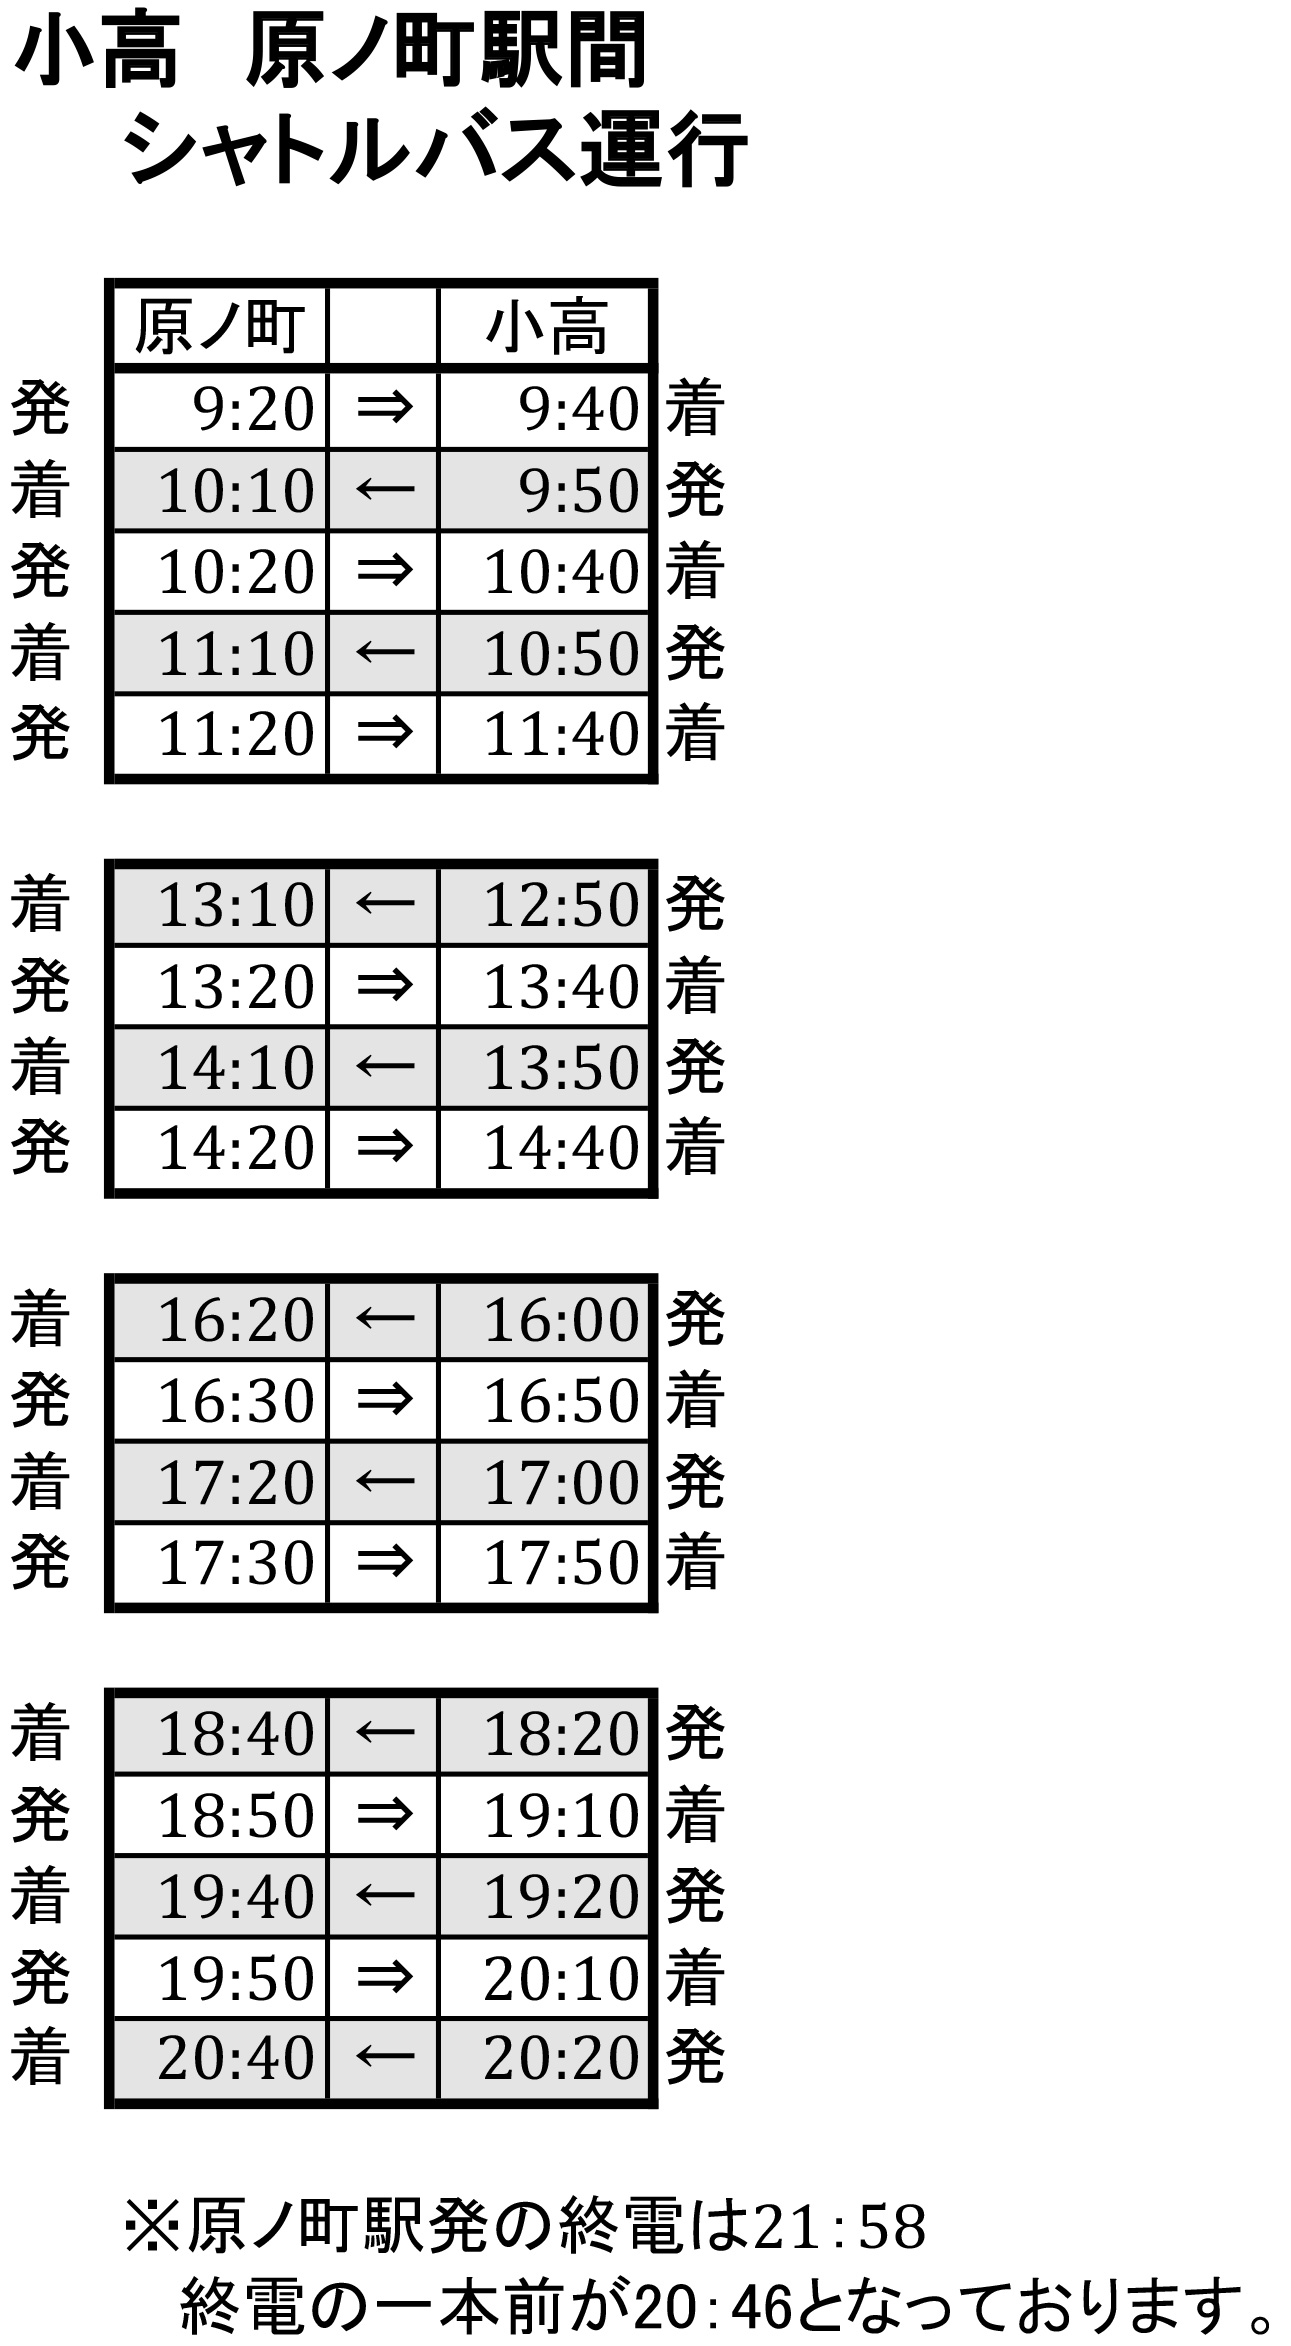 sougeibasujikokuhyou01